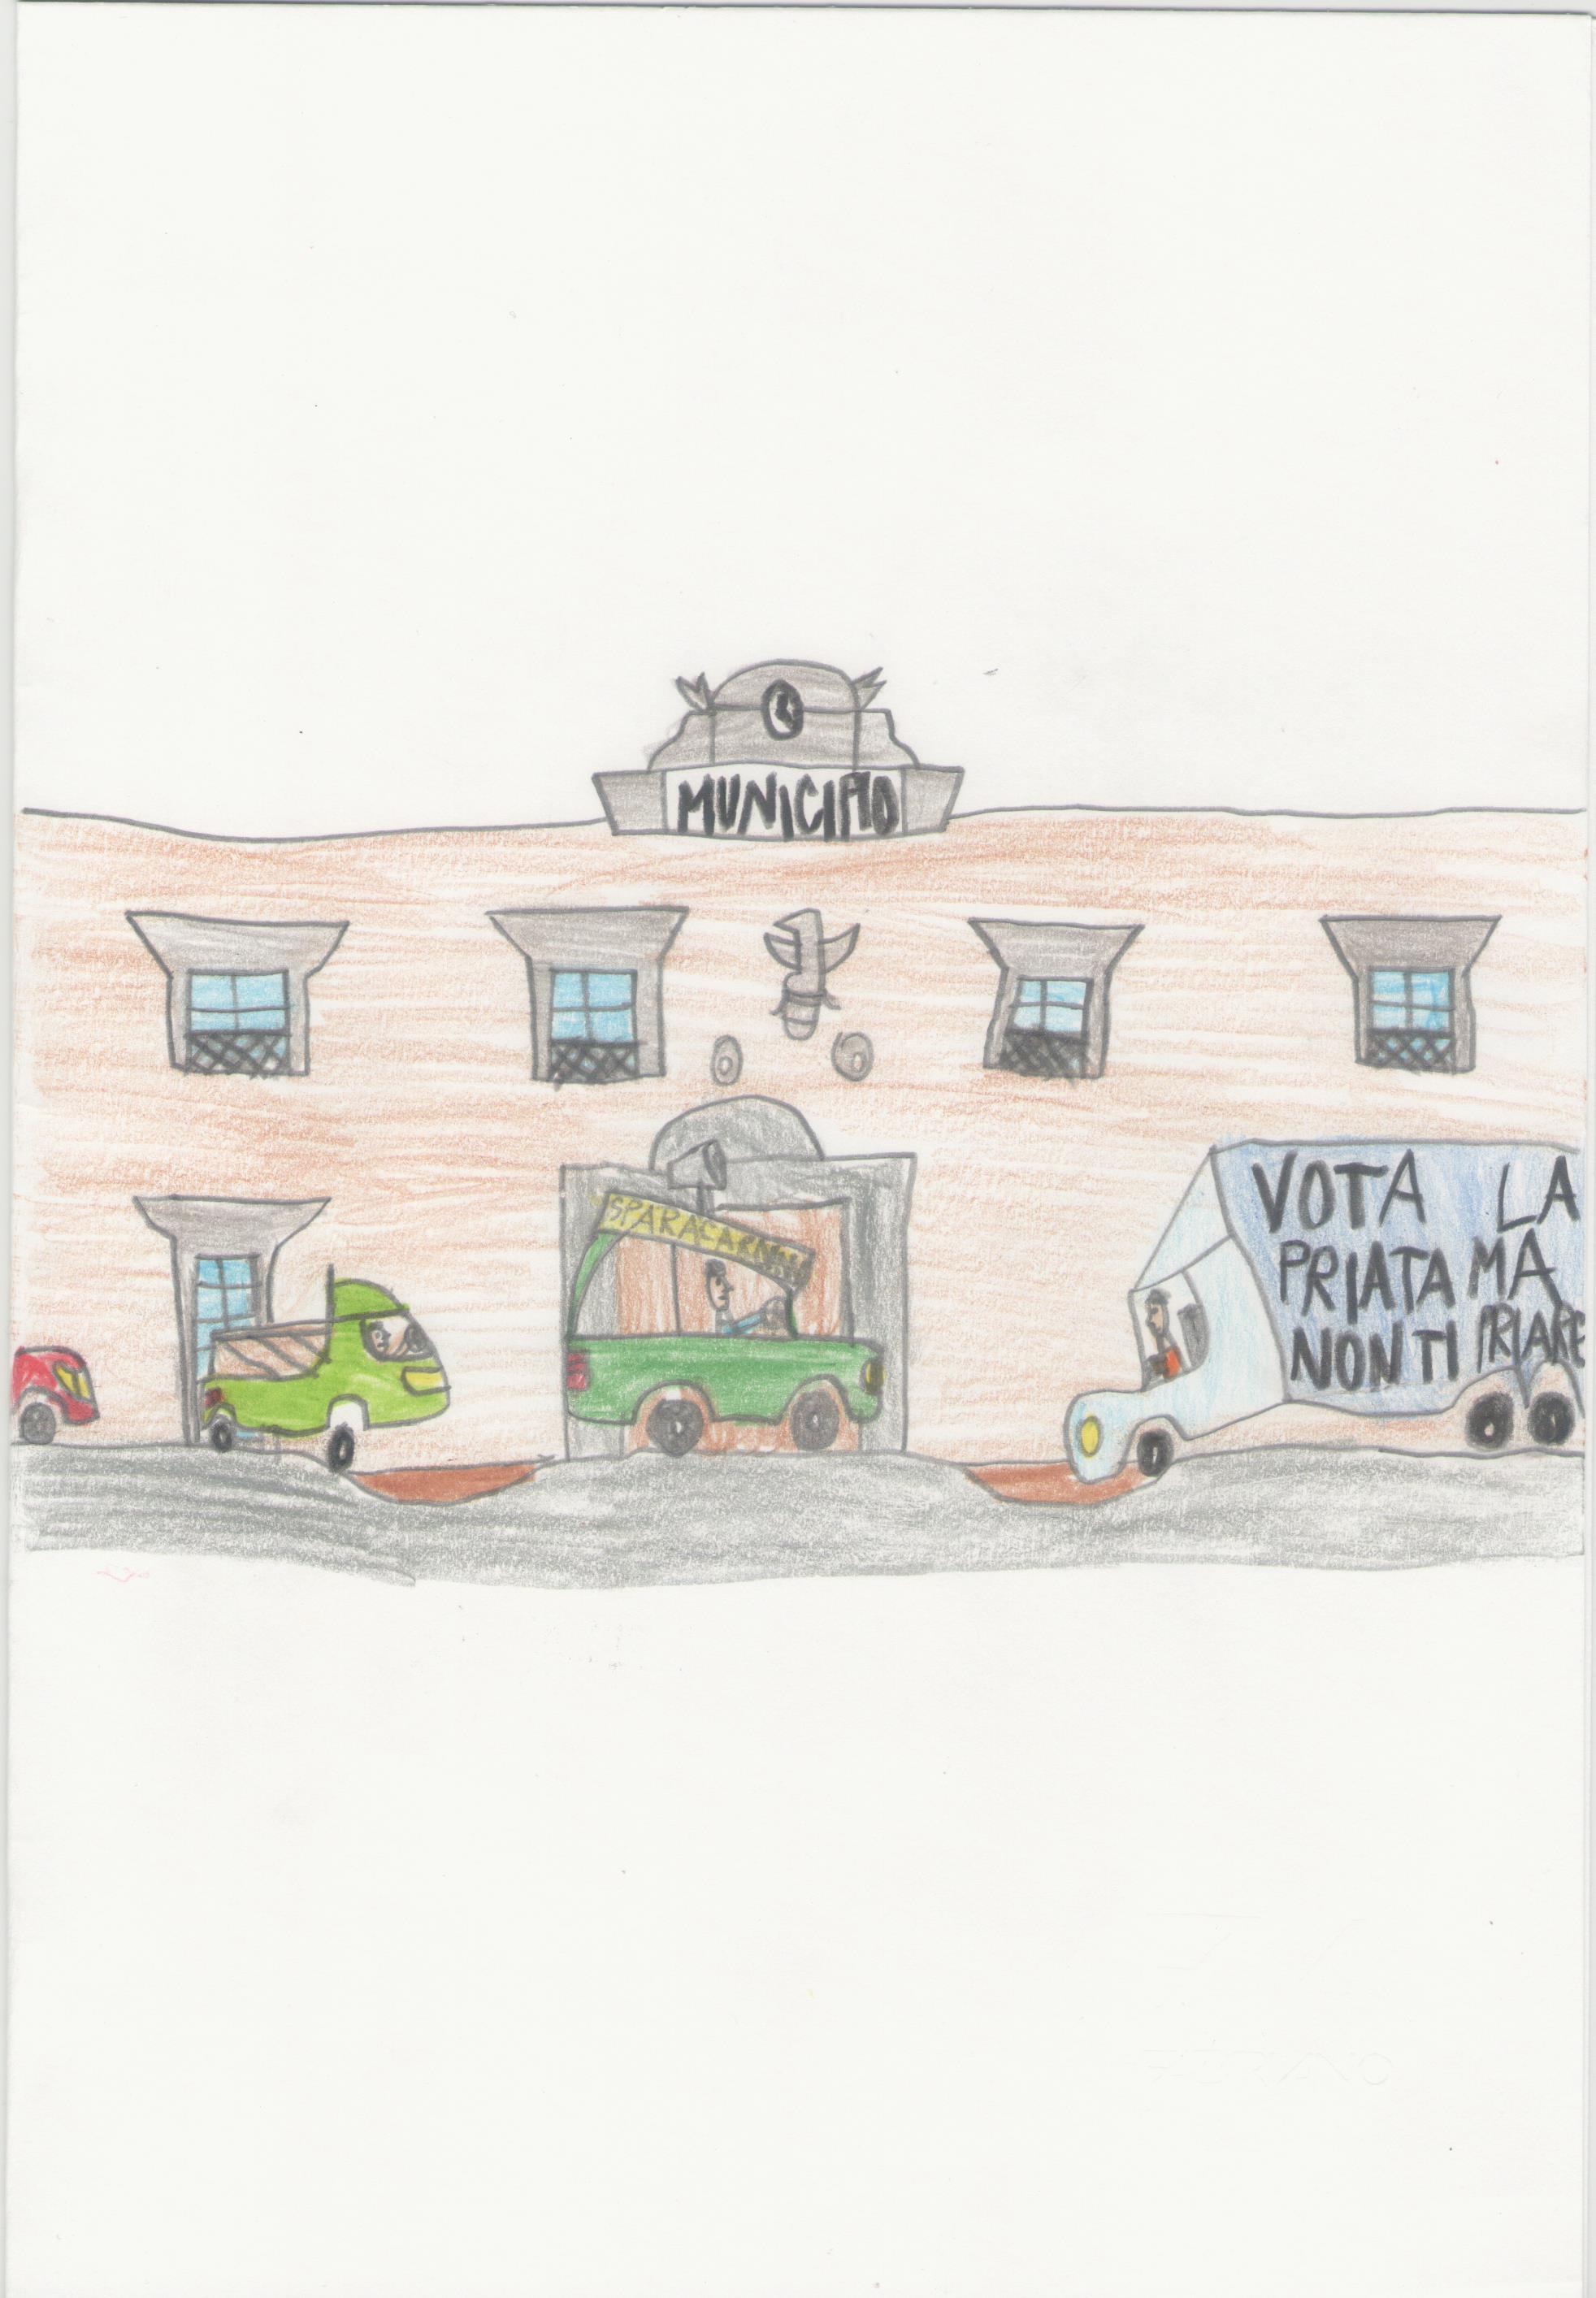 L' ora illegale by Marco Cacciolo - Ourboox.com